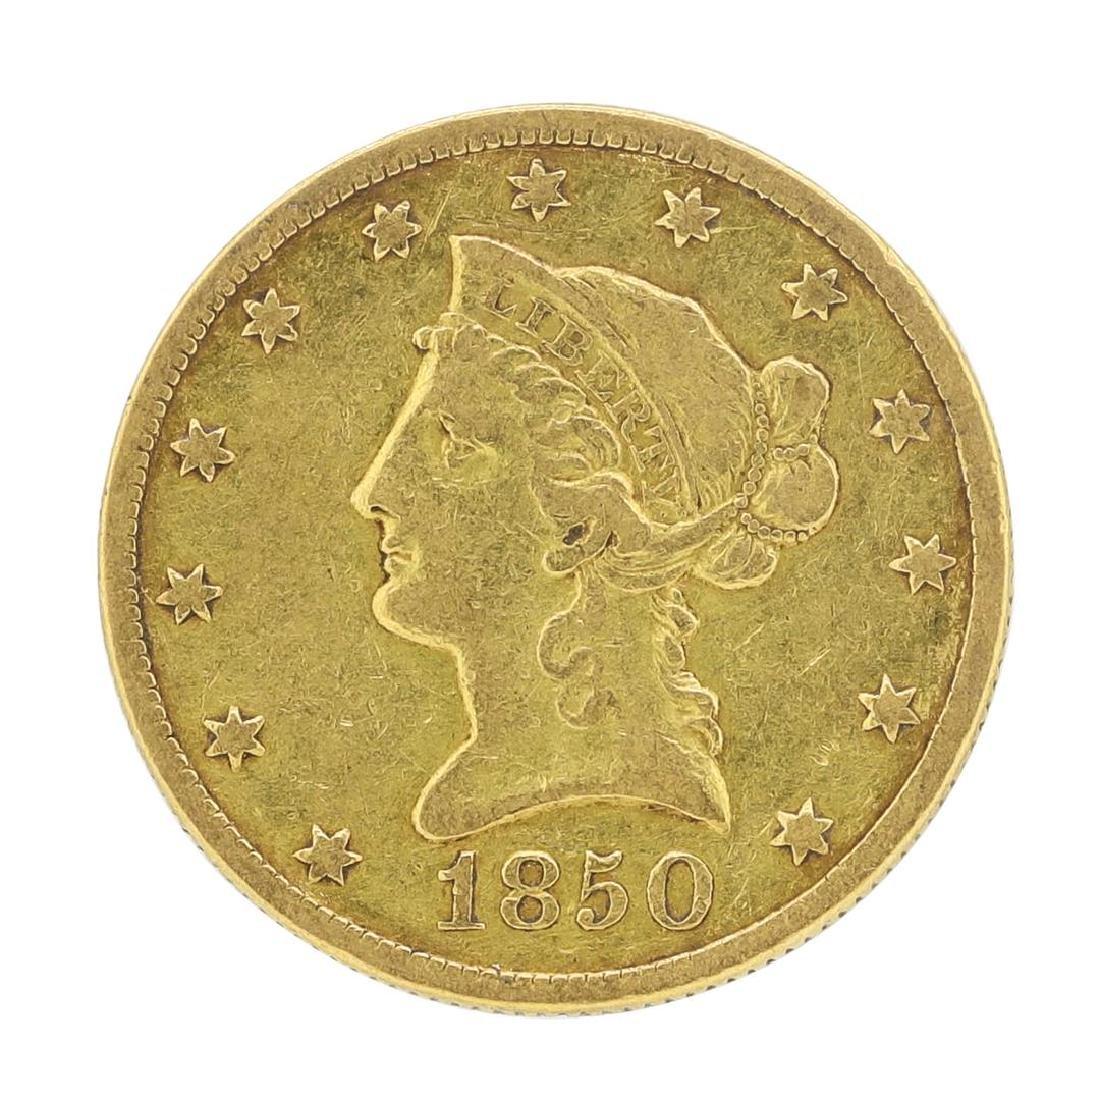 1850-O $10 Liberty Head Eagle Gold Coin